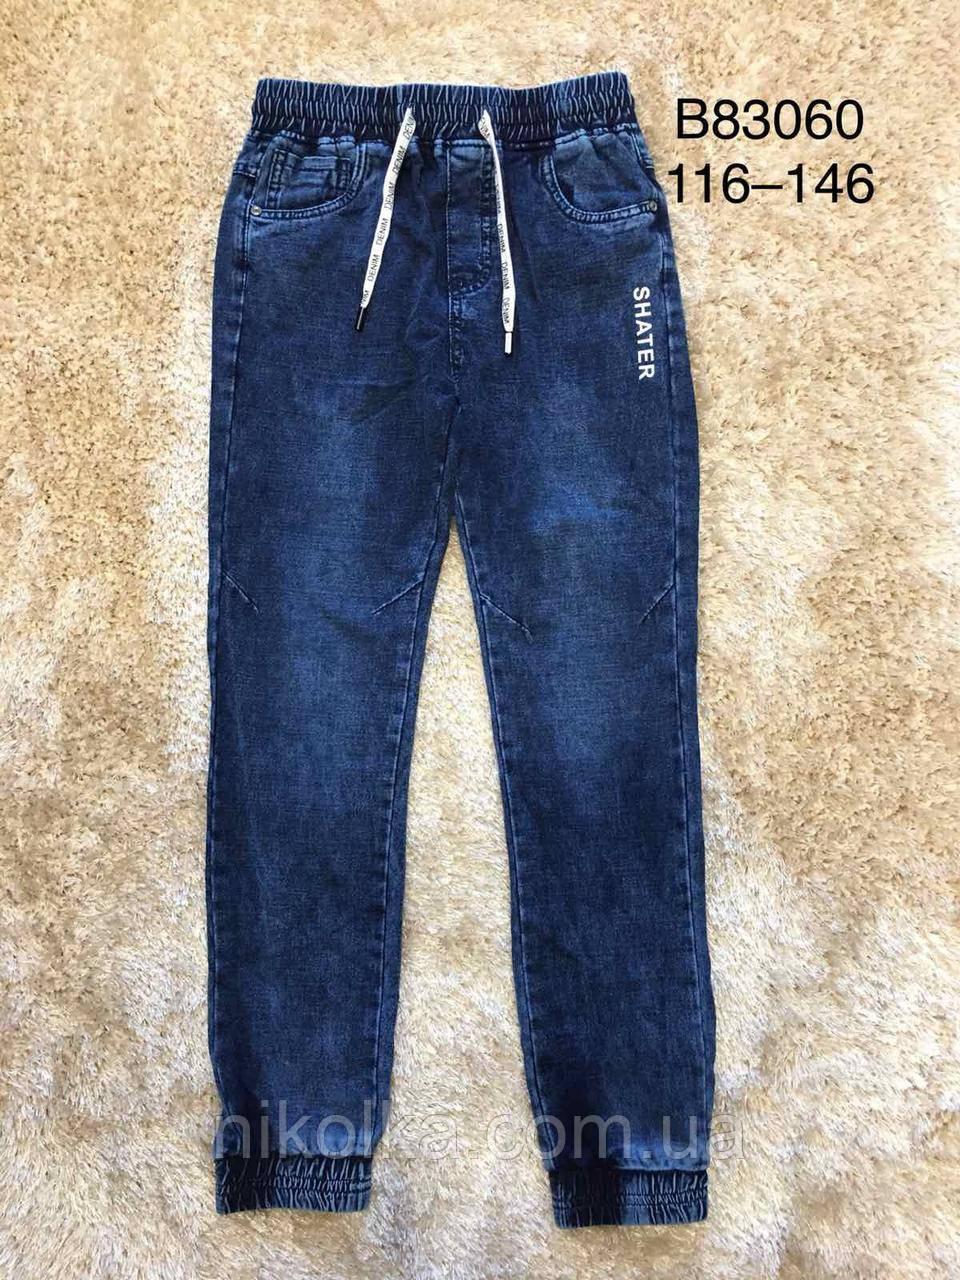 Брюки под джинс  для мальчиков оптом, Grace, 116-146 см, Арт. B83060